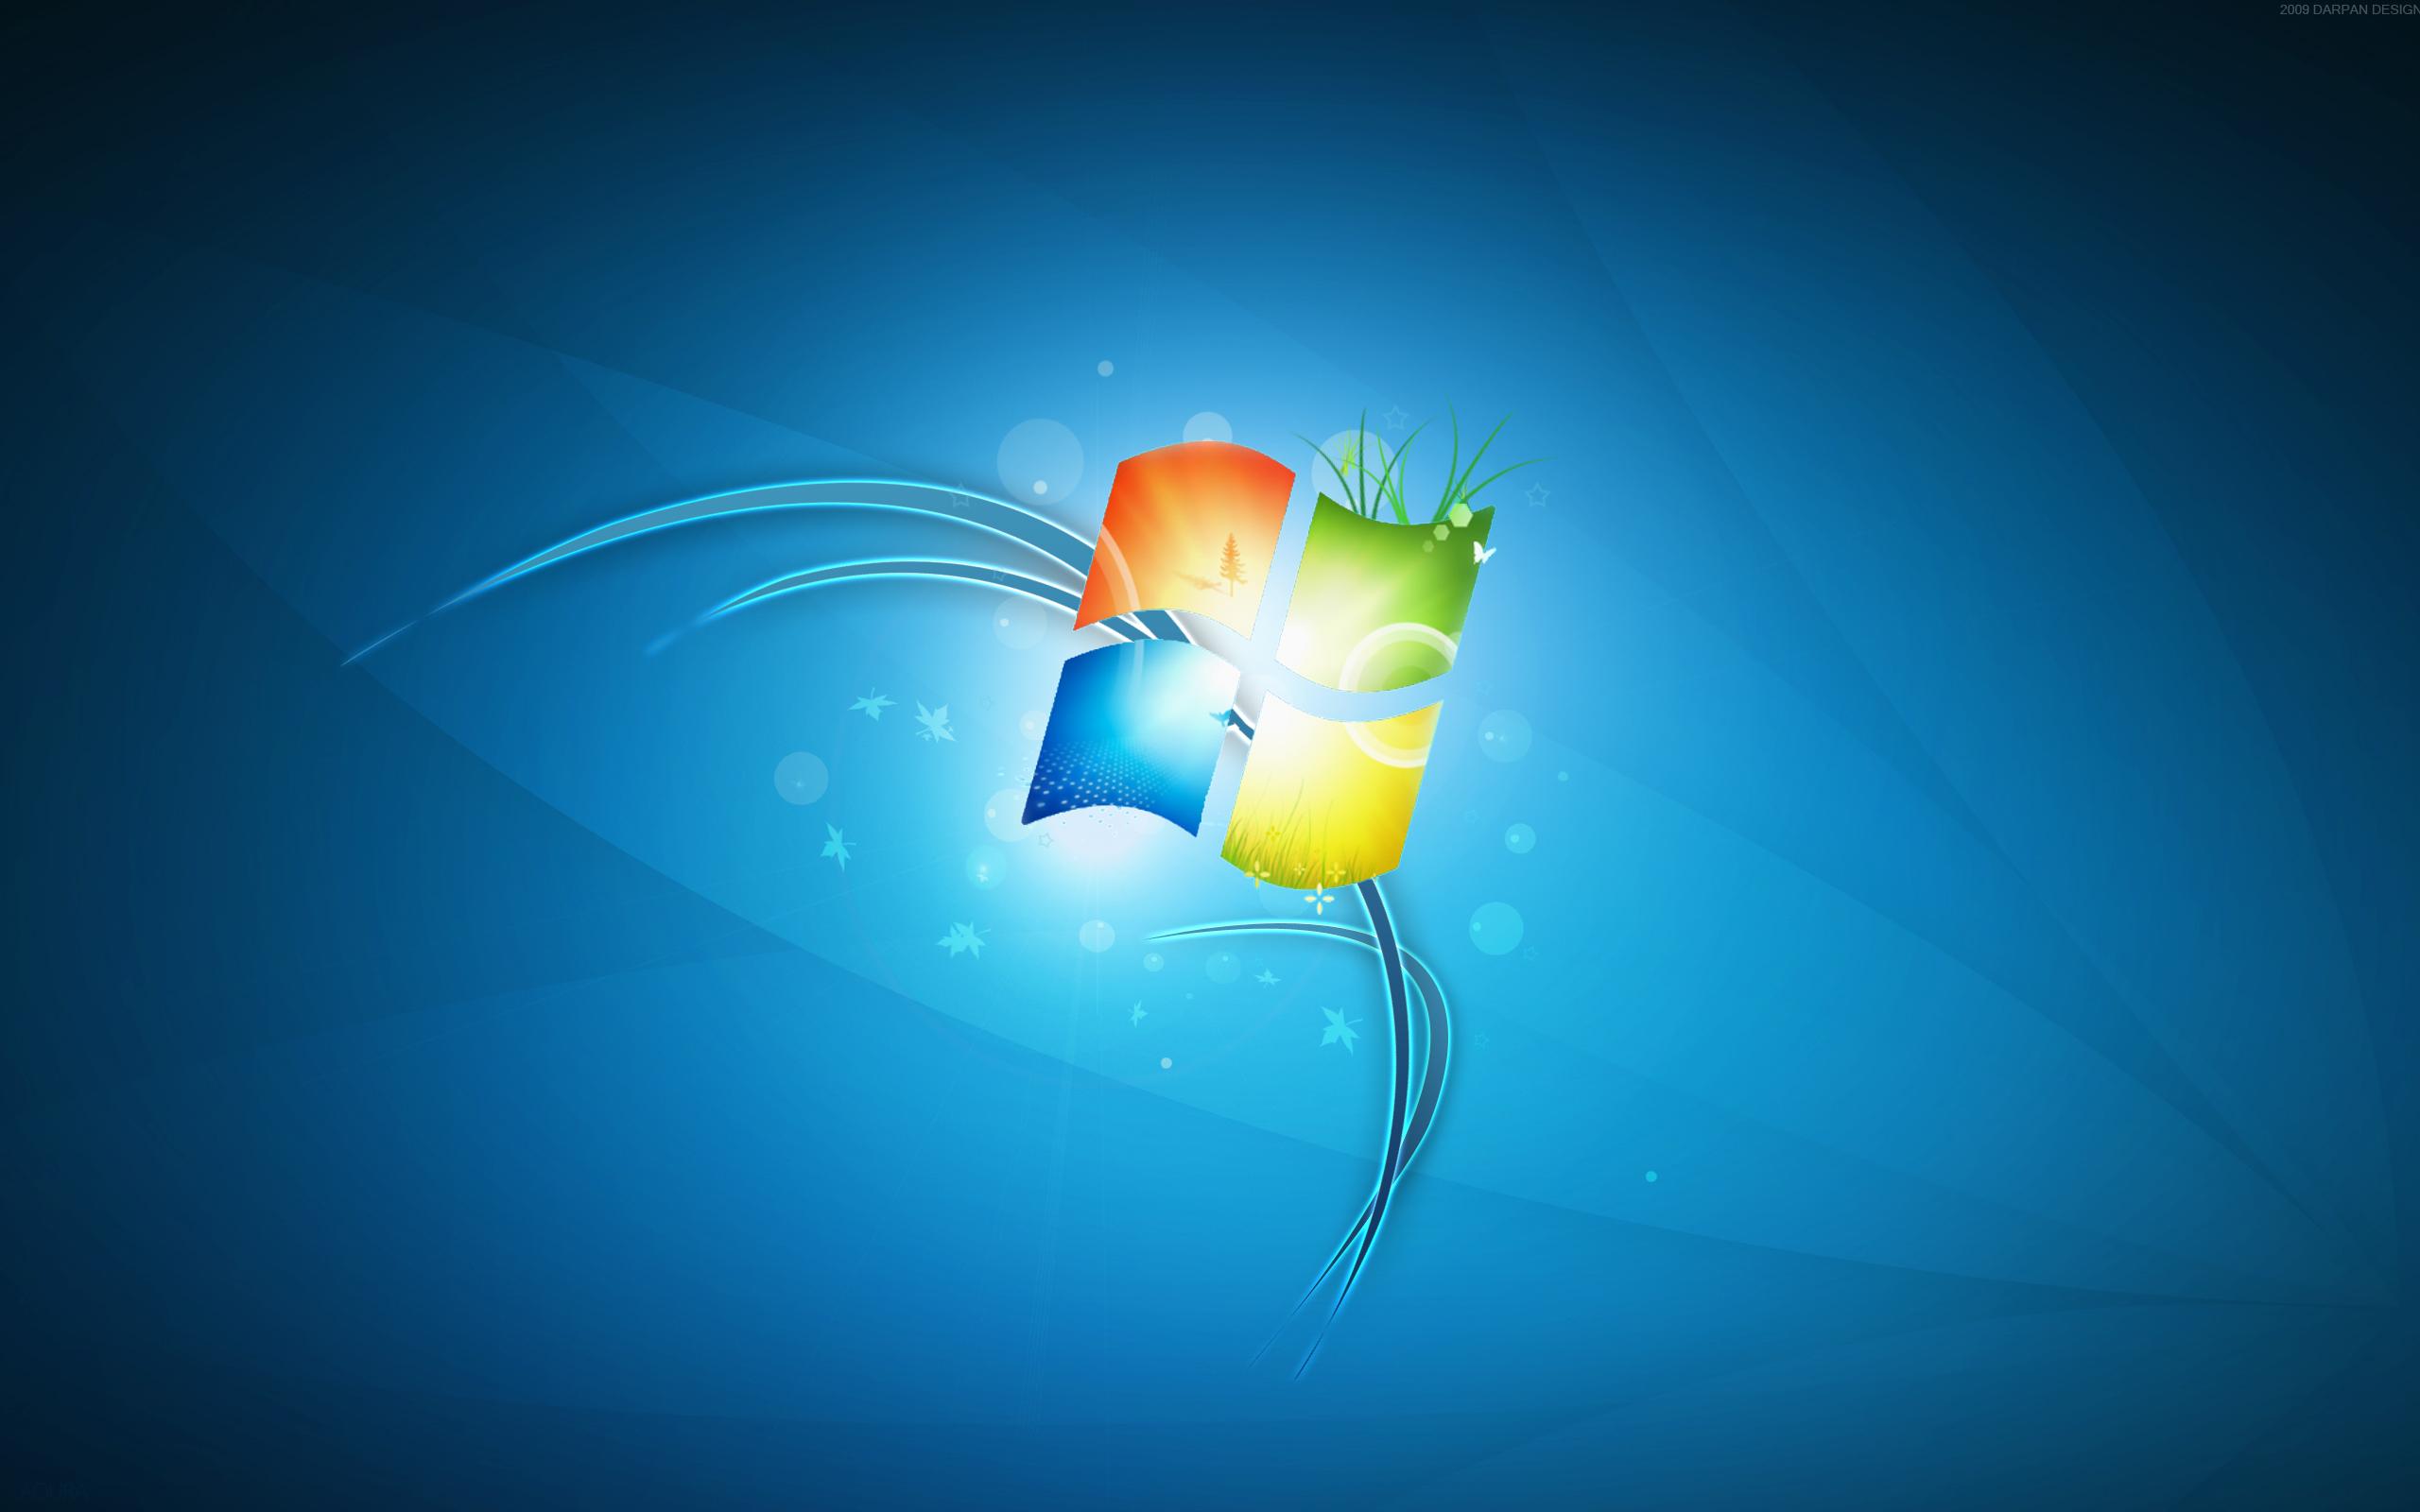 Microsoft Wallpapers as Desktop Background - WallpaperSafari